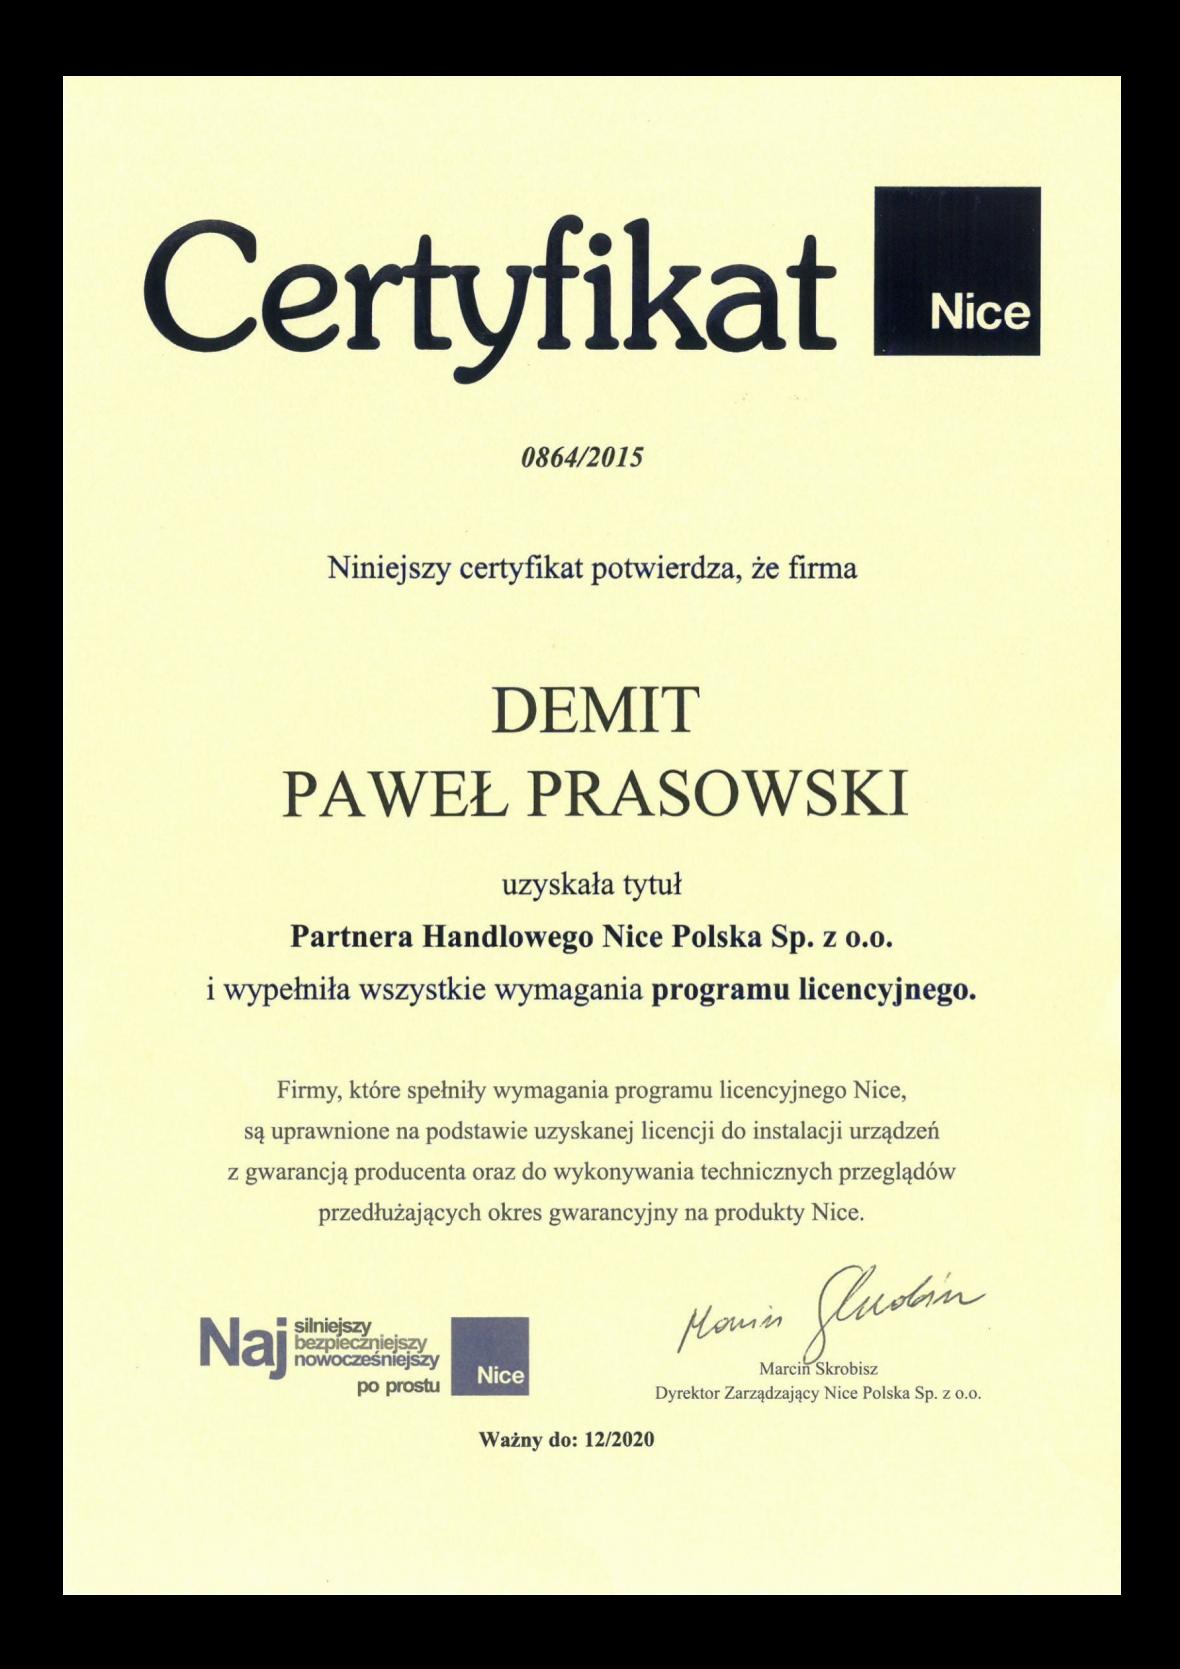 Certyfikat NICE dla DEMIT Paweł Prasowski